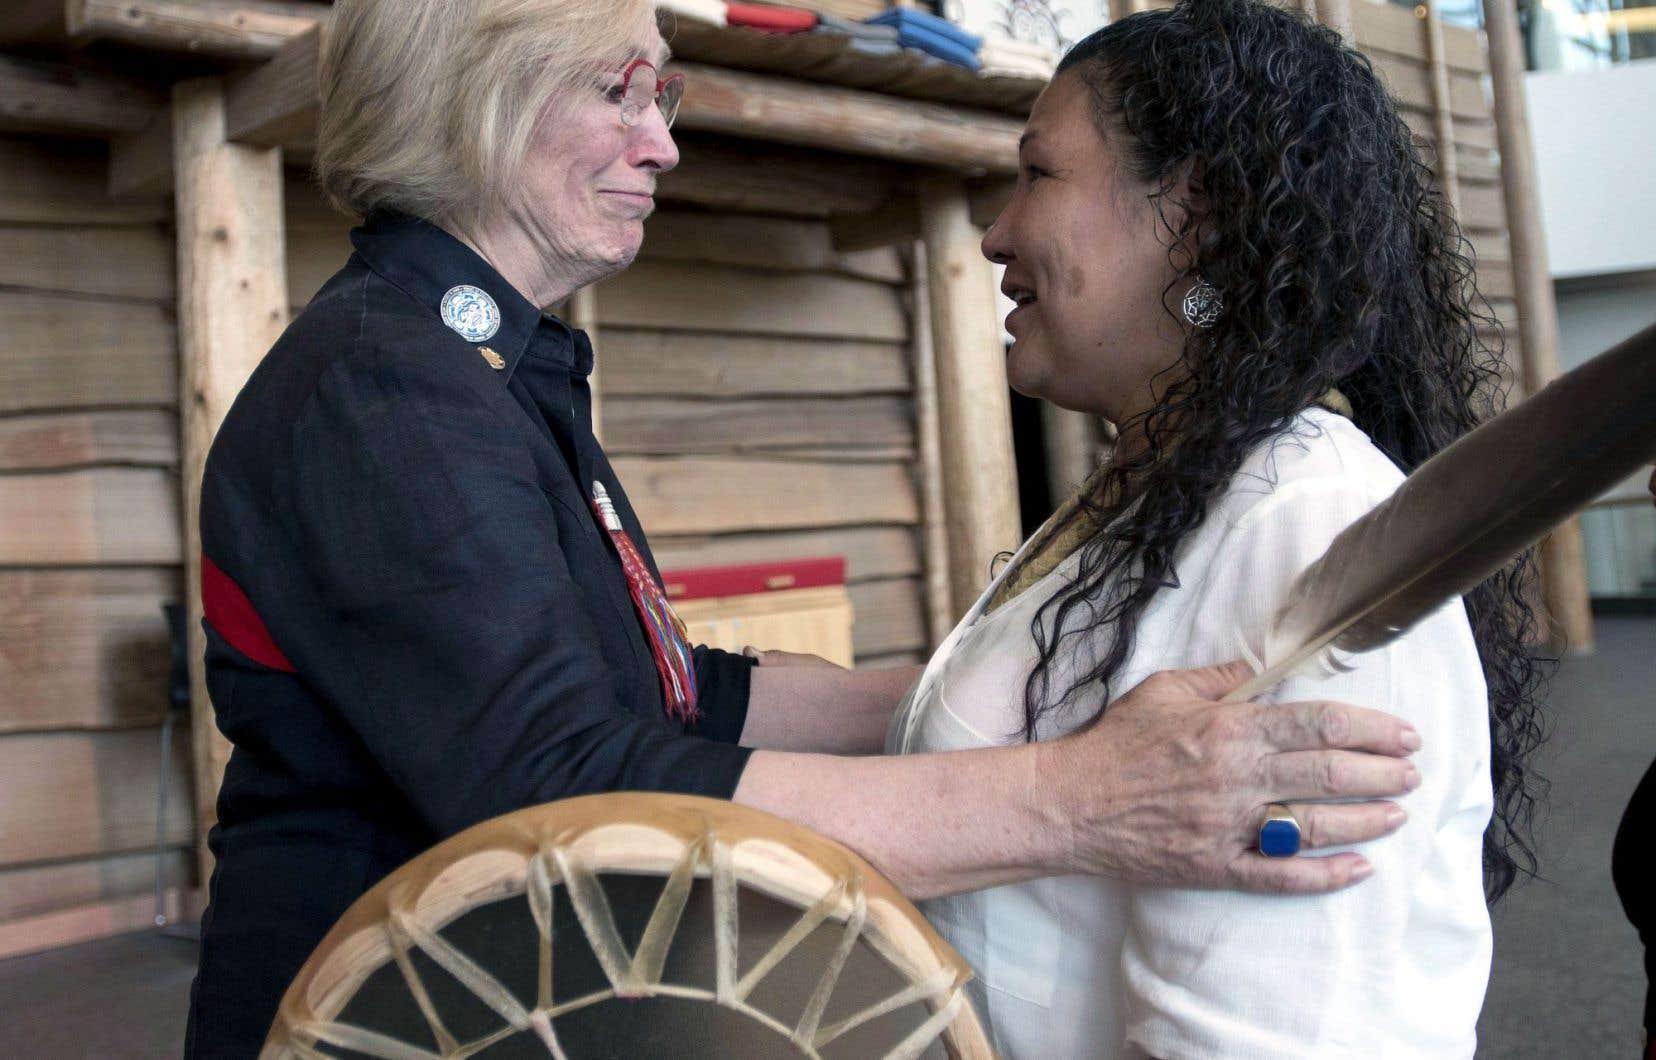 La ministre des Affaires autochtones, Carolyn Bennett, en compagnie de Ceejai Julian, une autochtone qui a perdu deux sœurs.